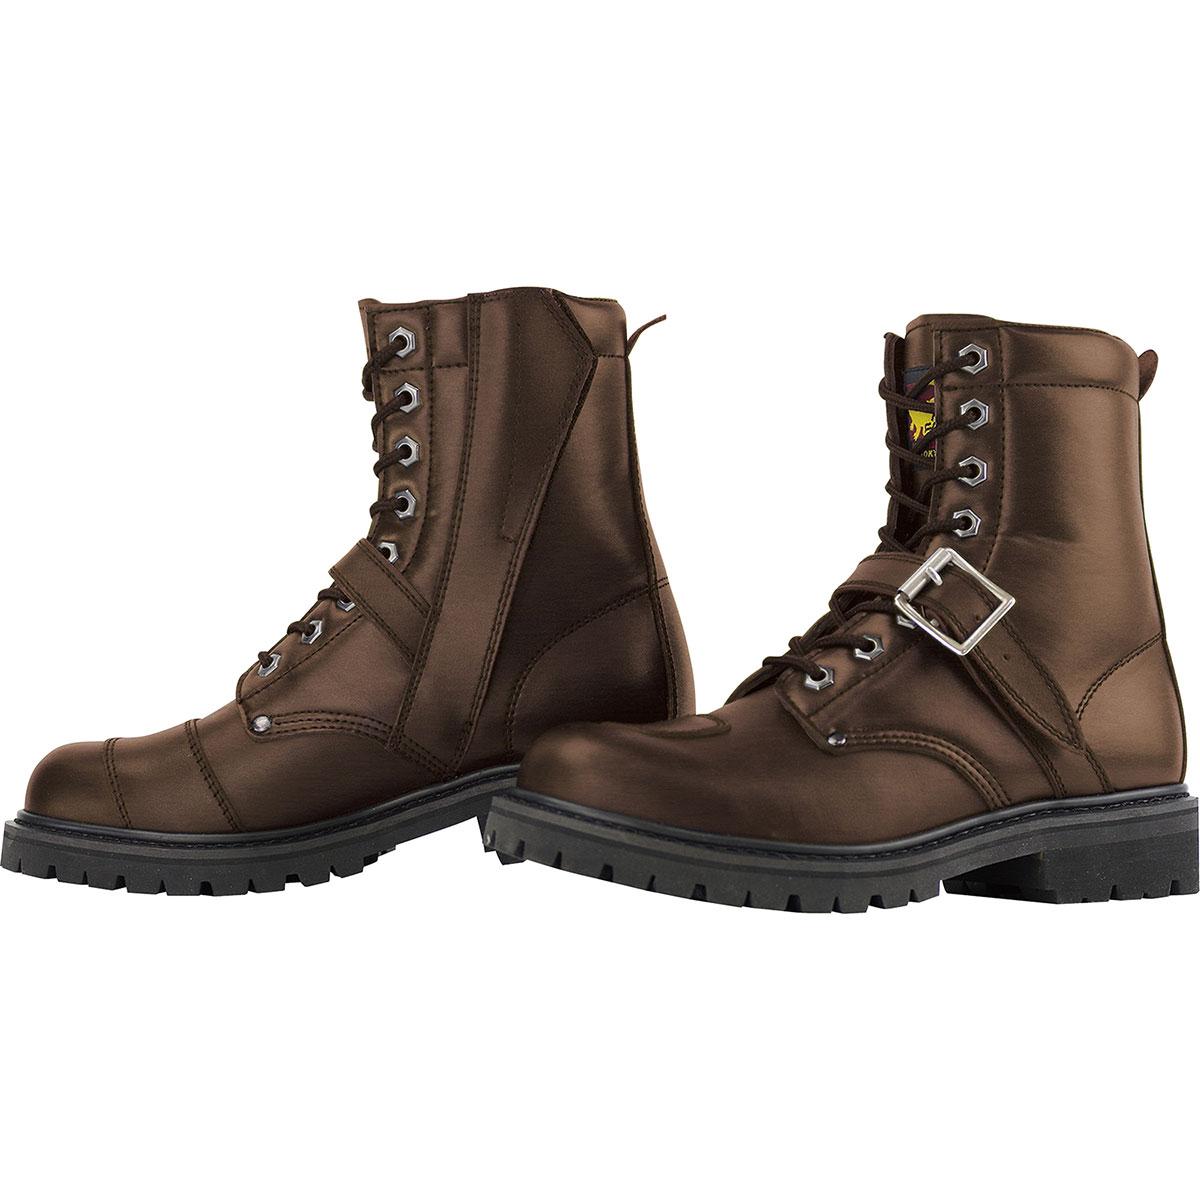 コミネ (Komine) バイク用 フットウェア シューズ ブーツ footwear Shoes Boots SB-81 ミドルブーツ ブラウン 茶 24.5cm 05-081/BR/24.5